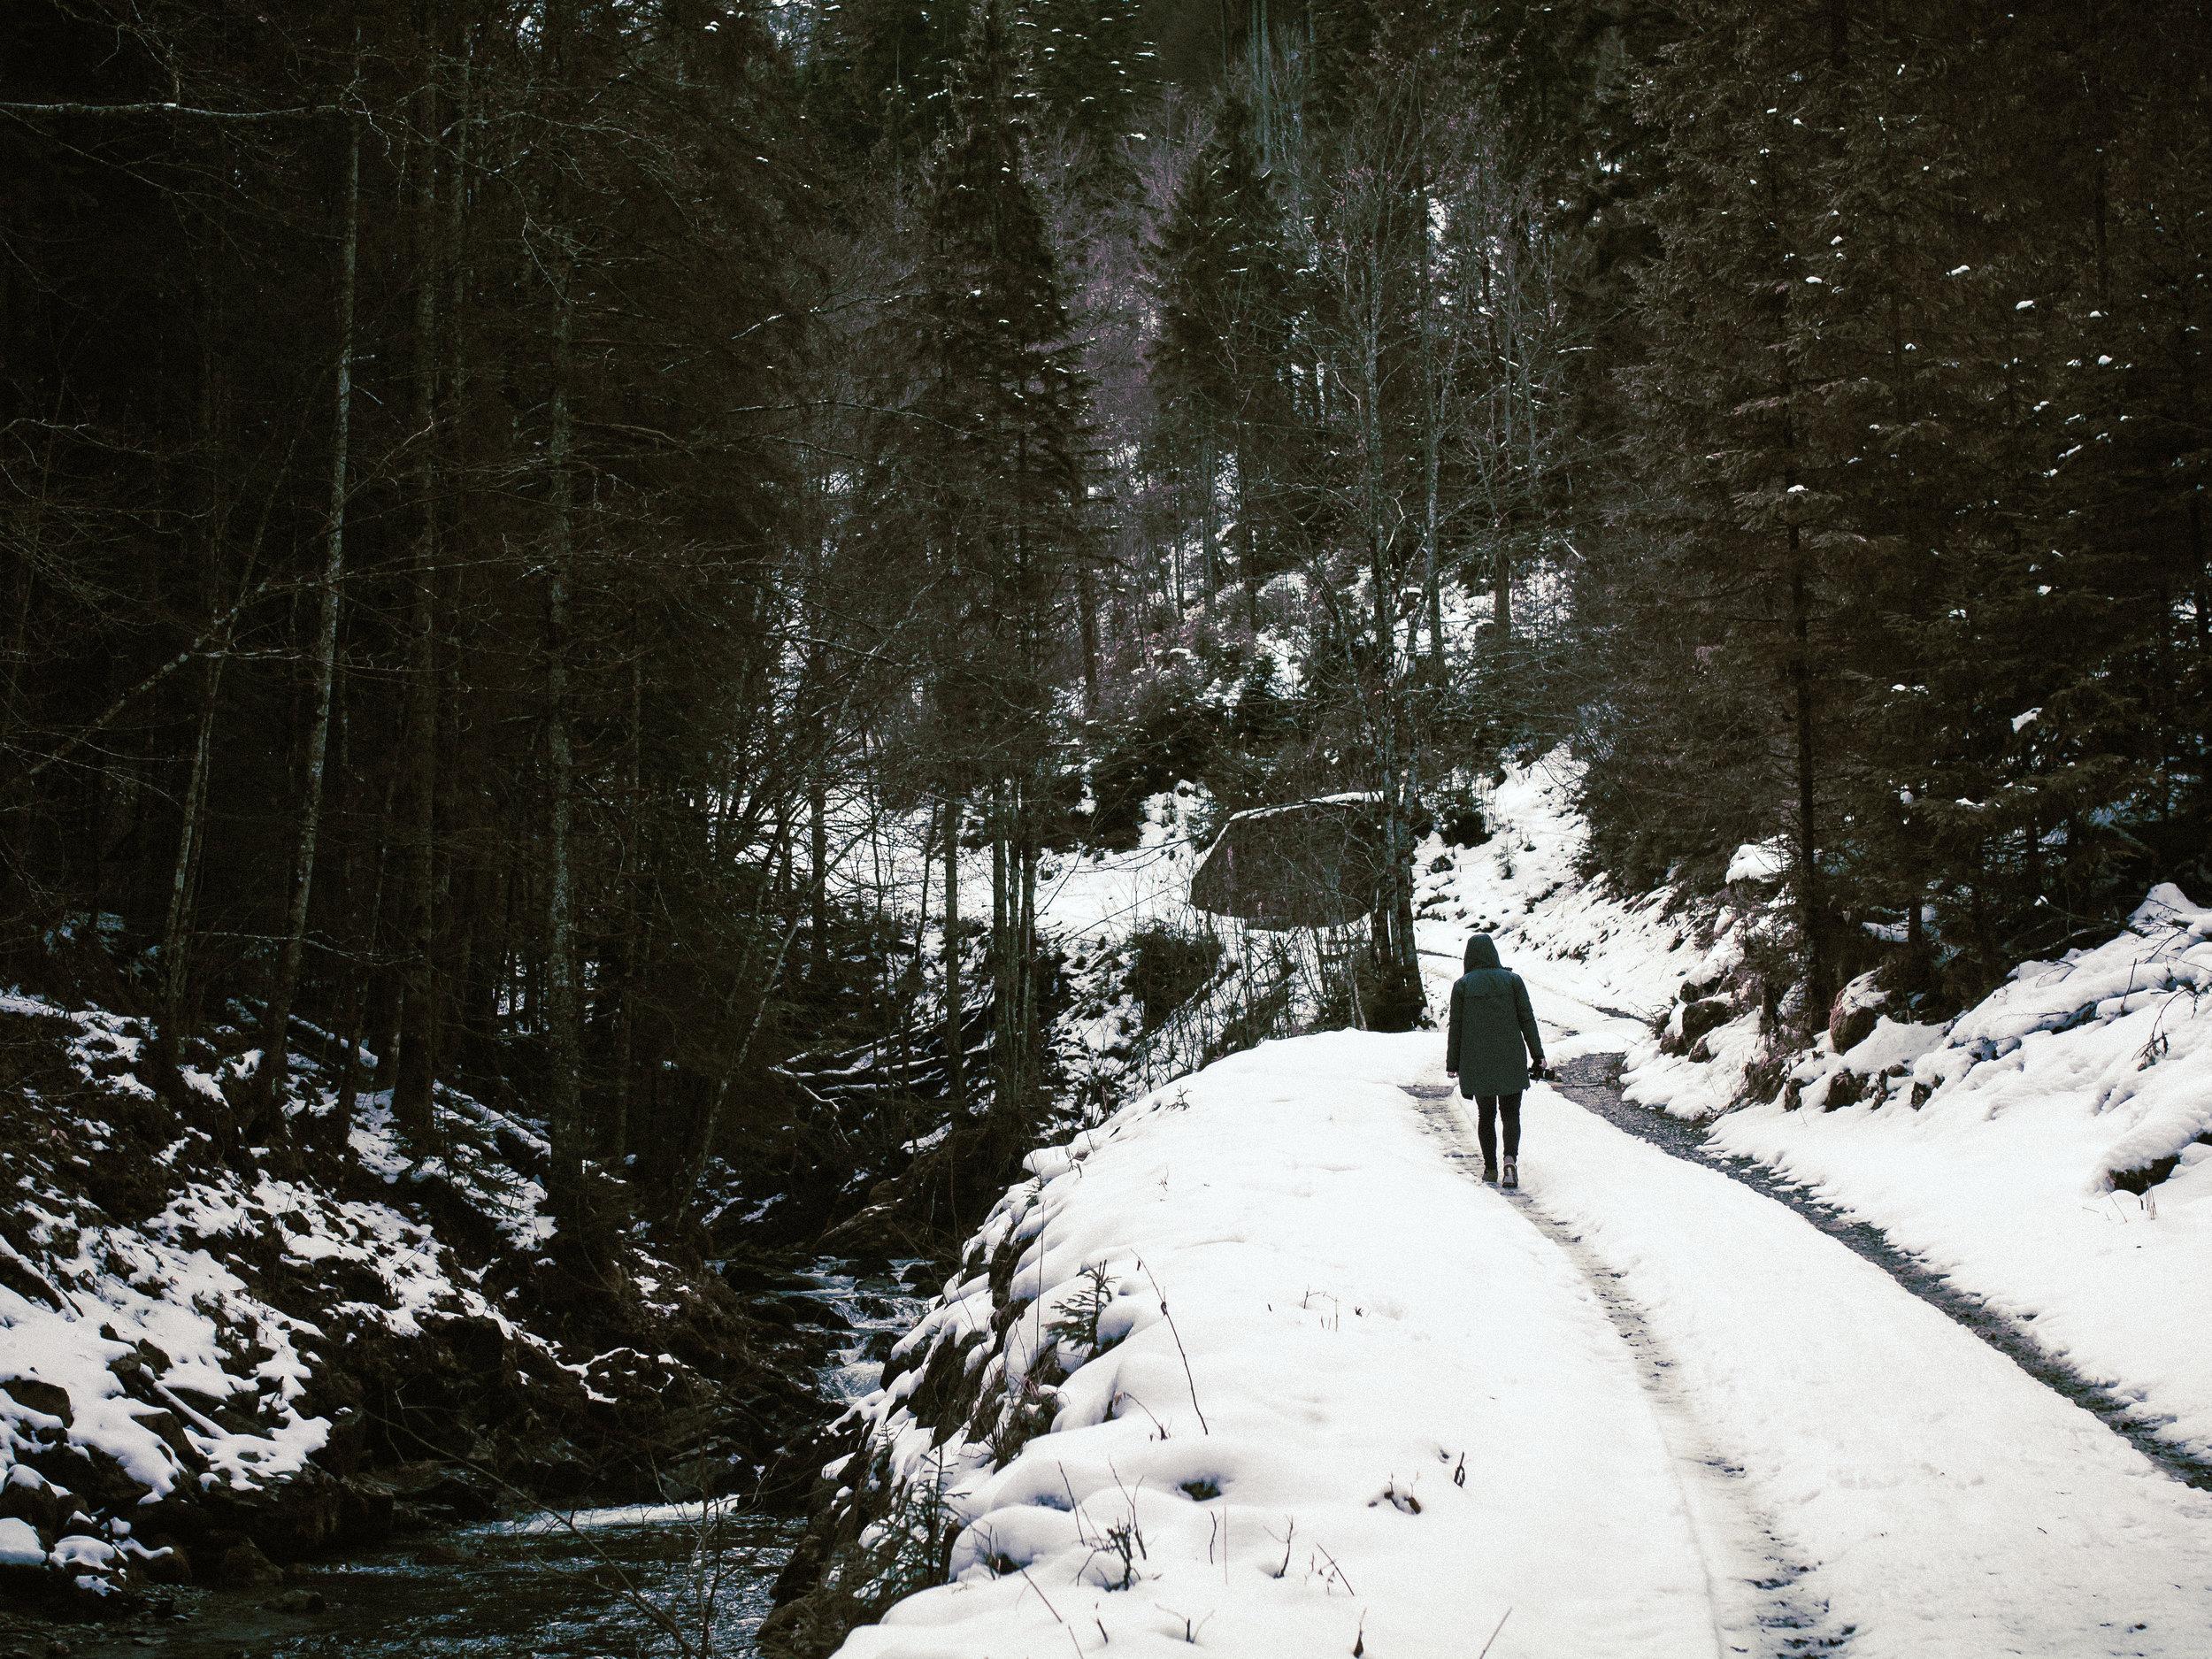 gabriel walking on snow and stuff.jpg